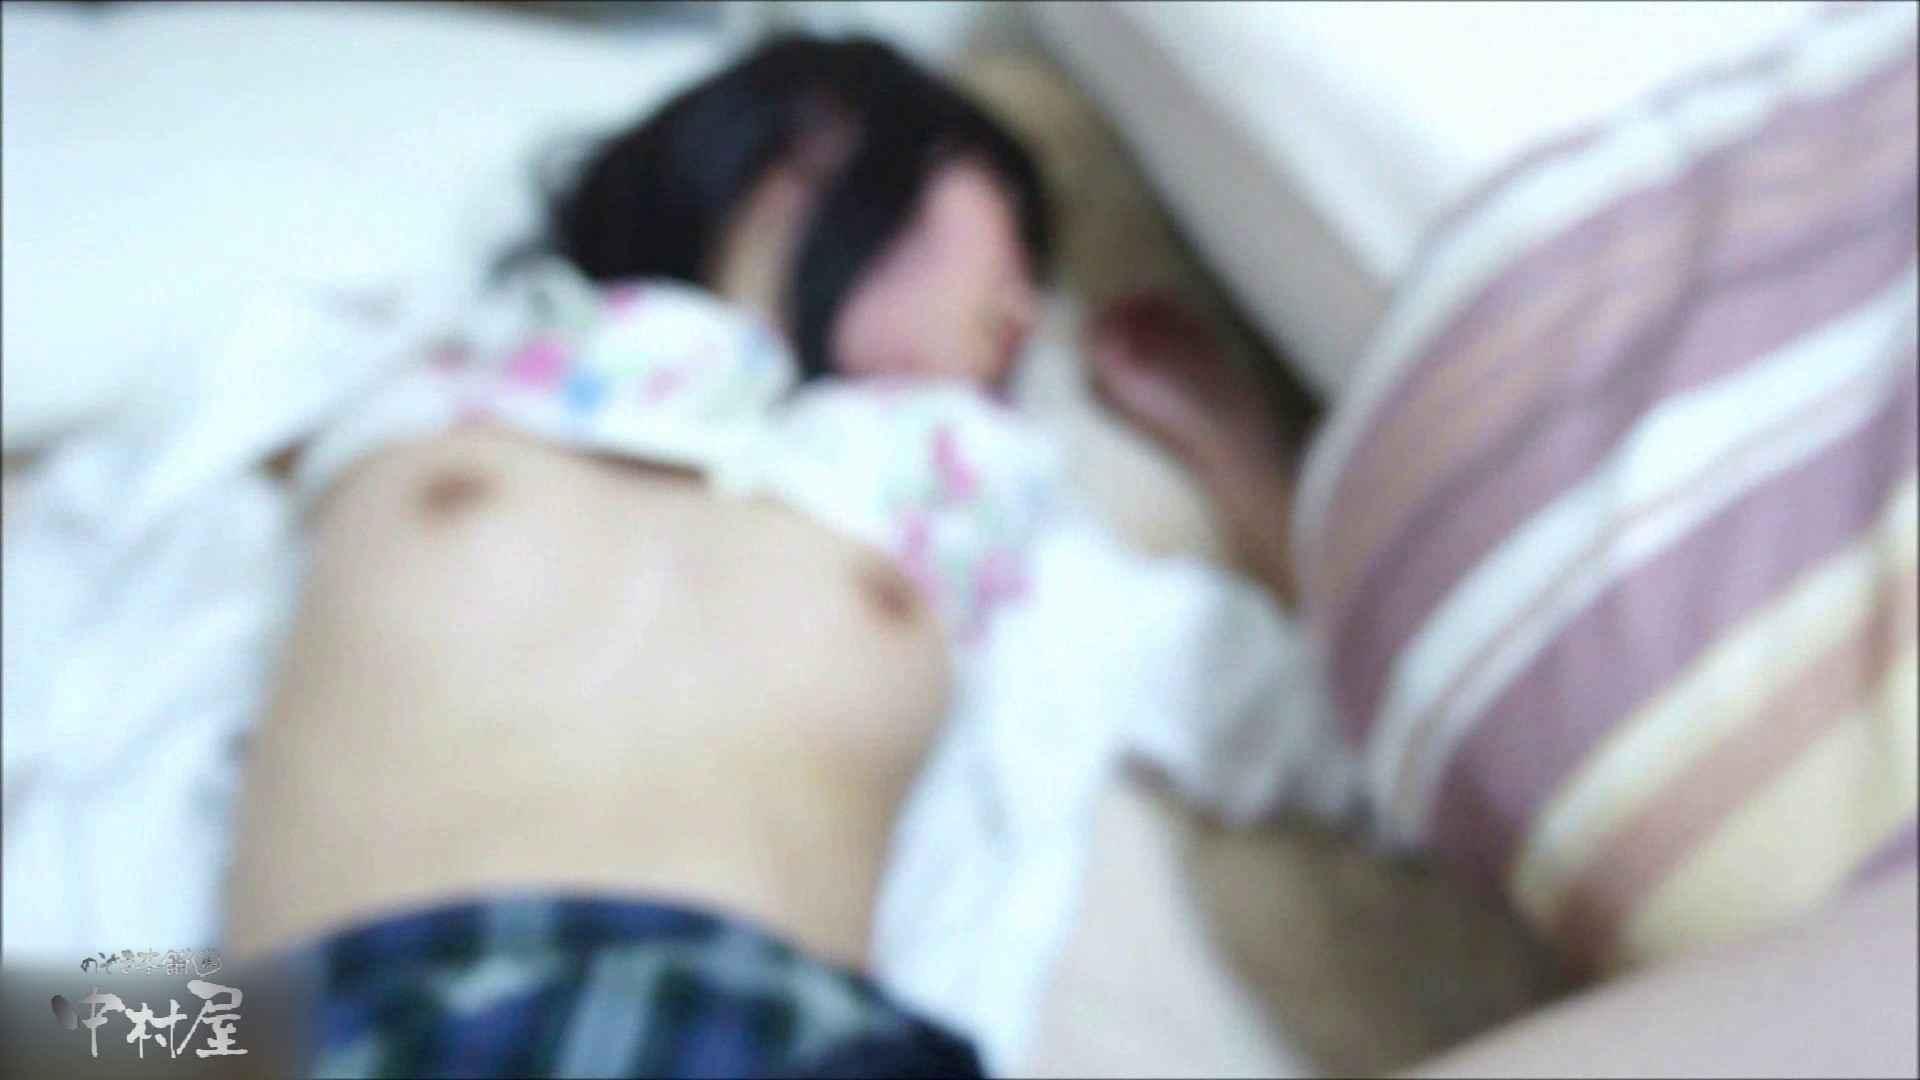 二人とも育てた甲斐がありました…vol.27 最後の制服姿で眠る2人。その頃れいかは・・・【前編】 制服   OL女体  93連発 63